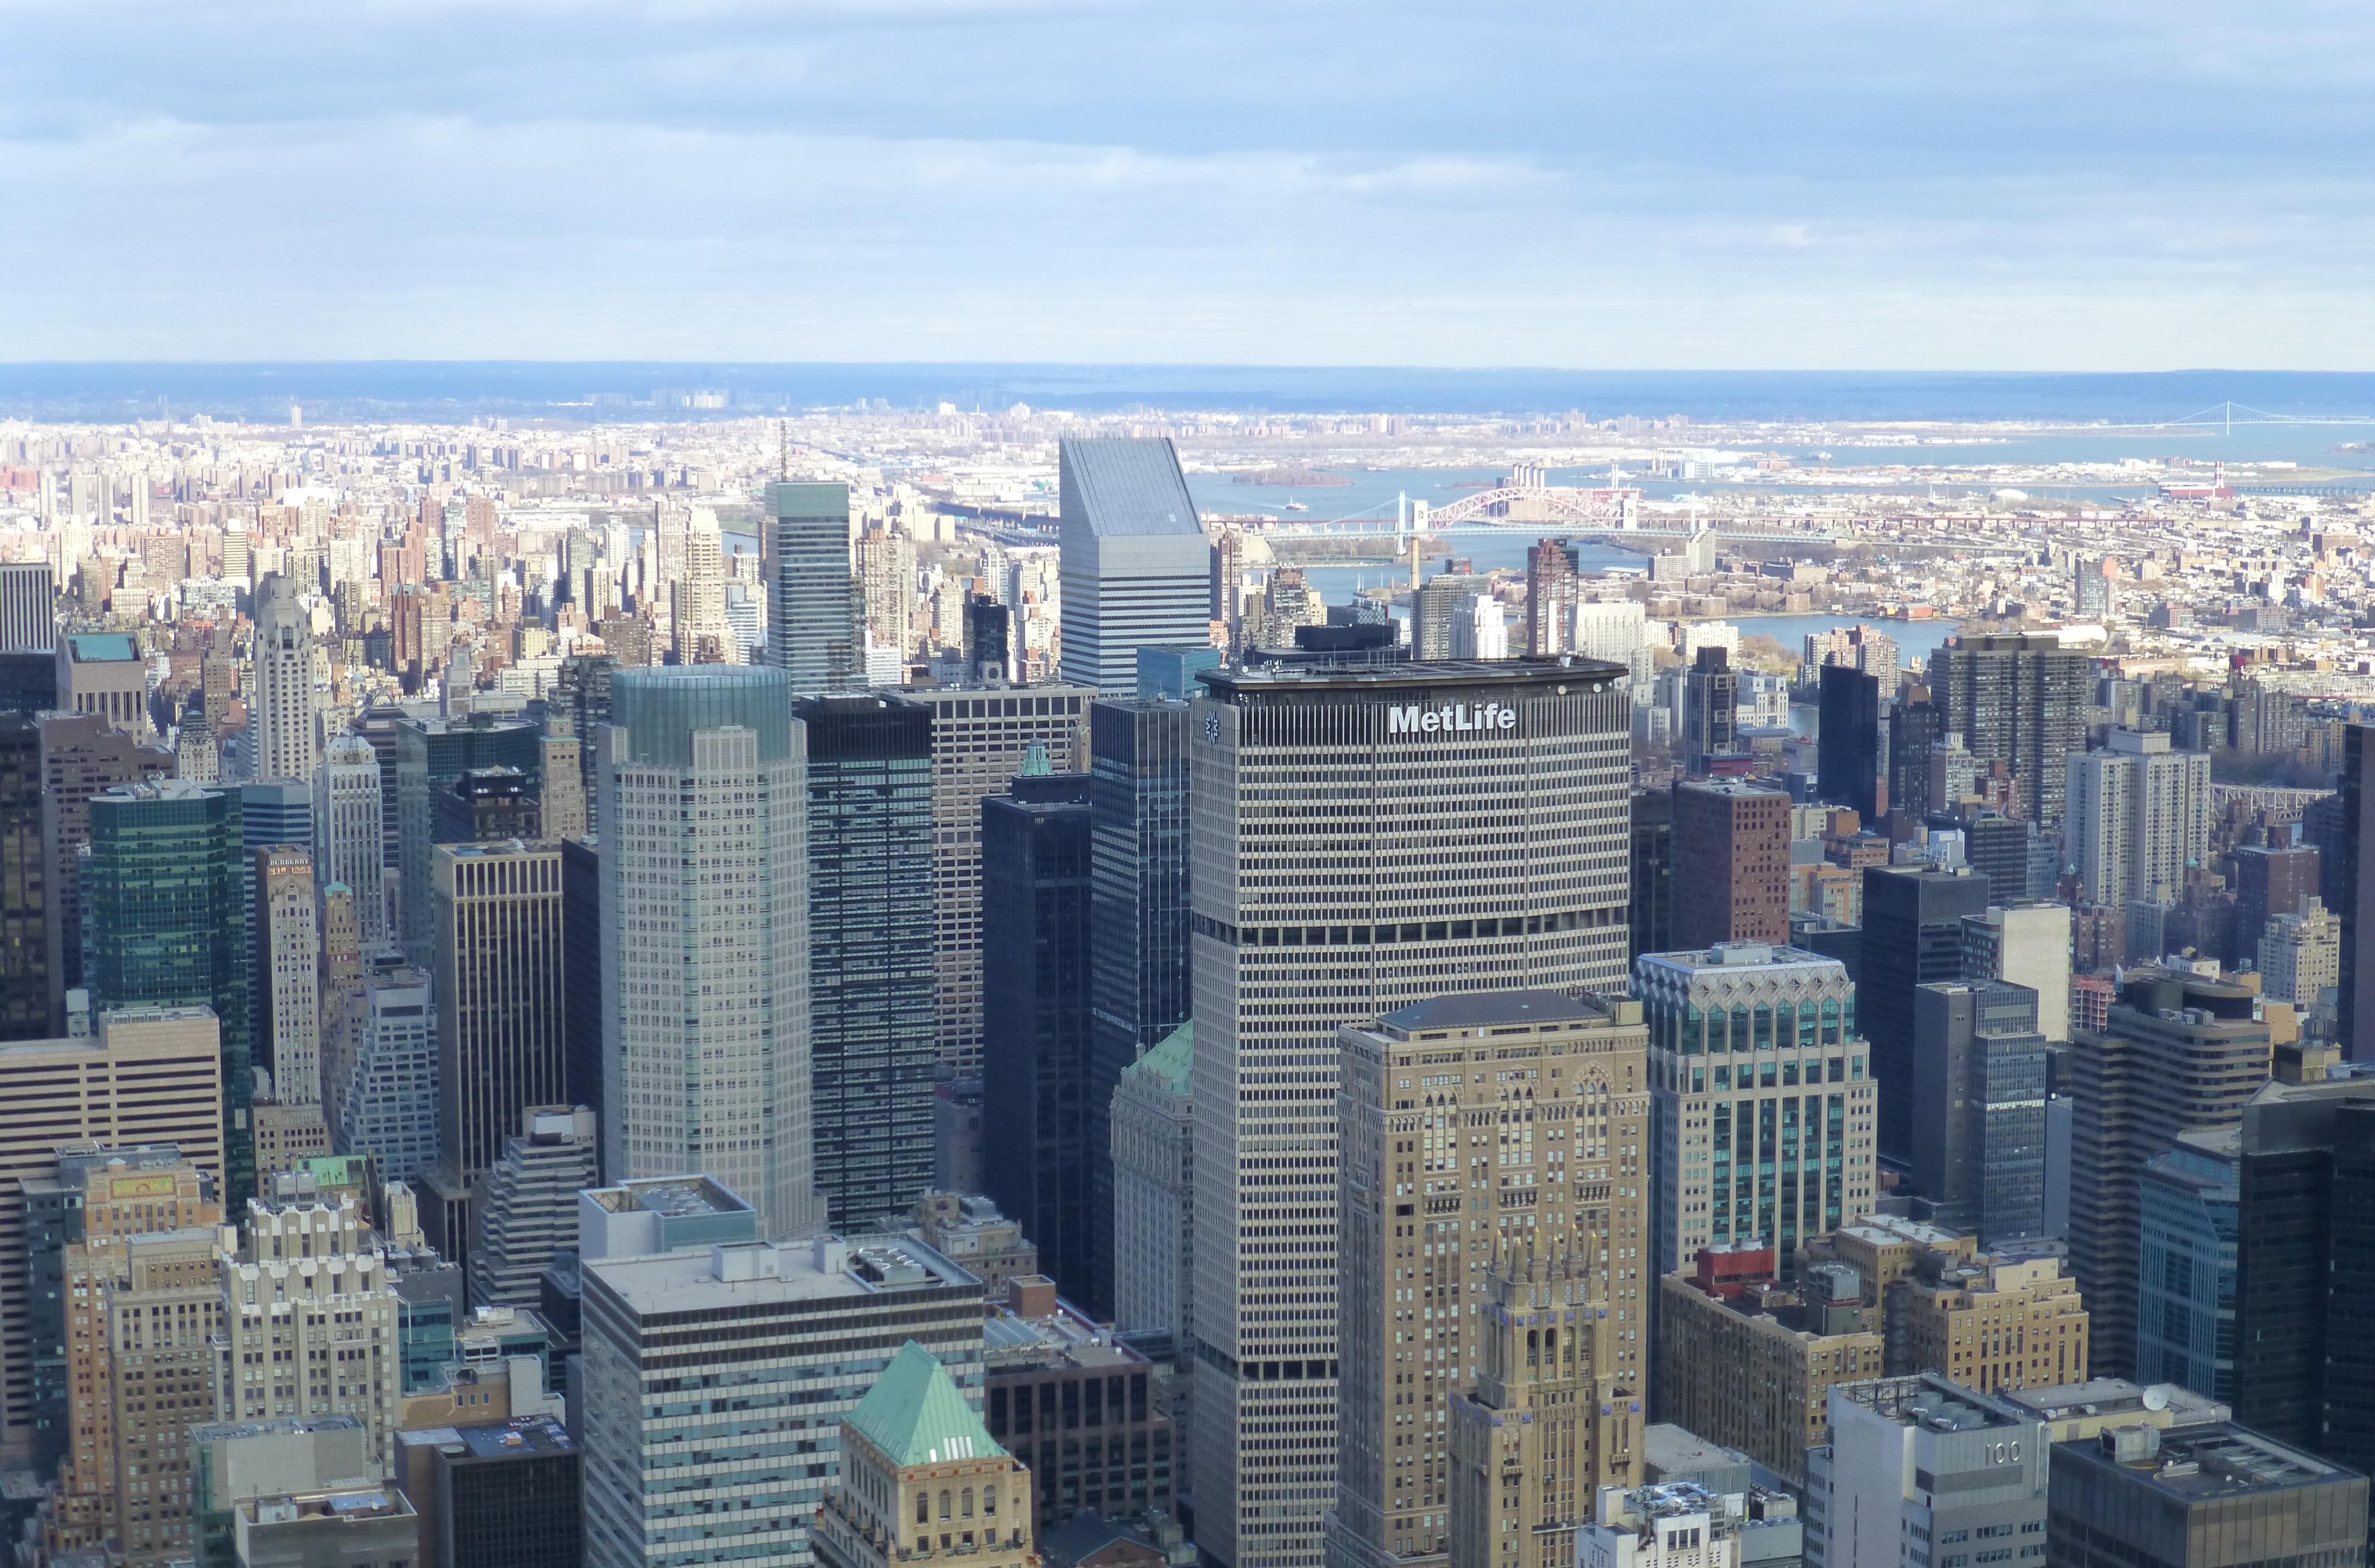 manhattan nueva york paisaje urbano panorama centro de la ciudad panormico torre america punto de referencia bloque de pisos